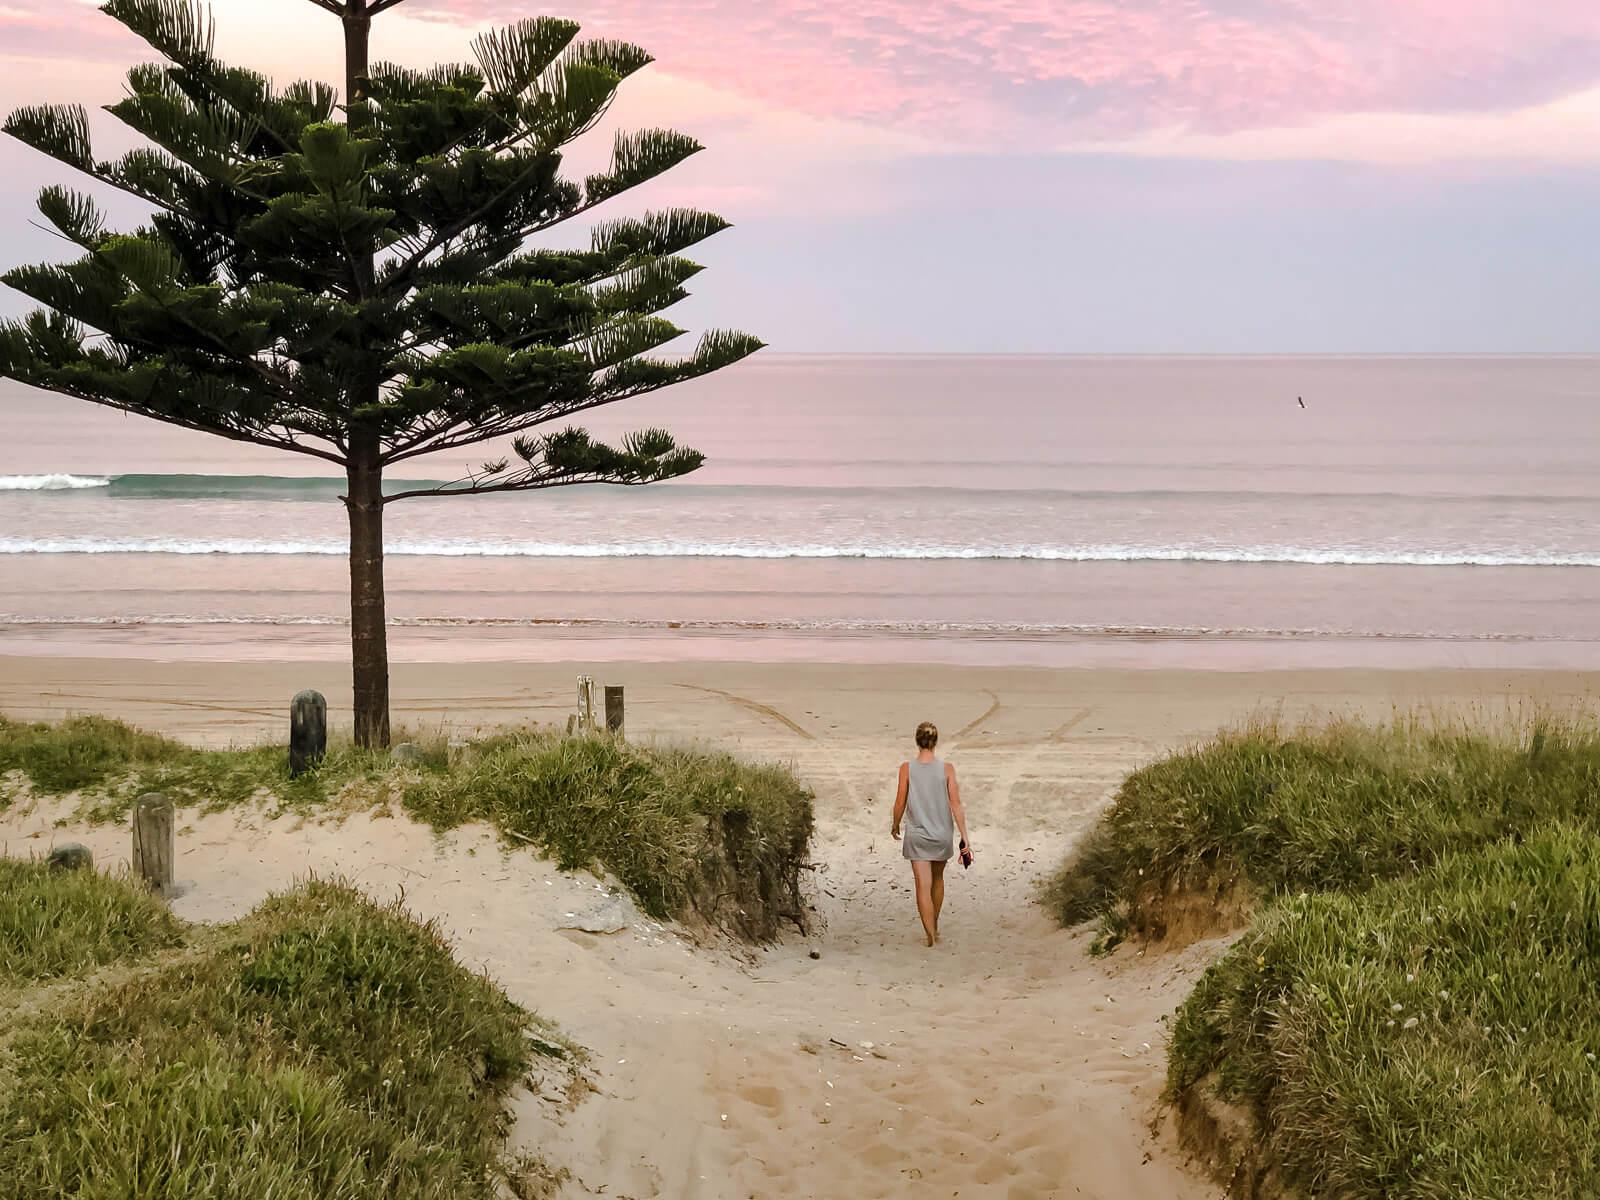 Tokerau Beach behoort tot de 10 mooiste stranden Nieuw-Zeeland